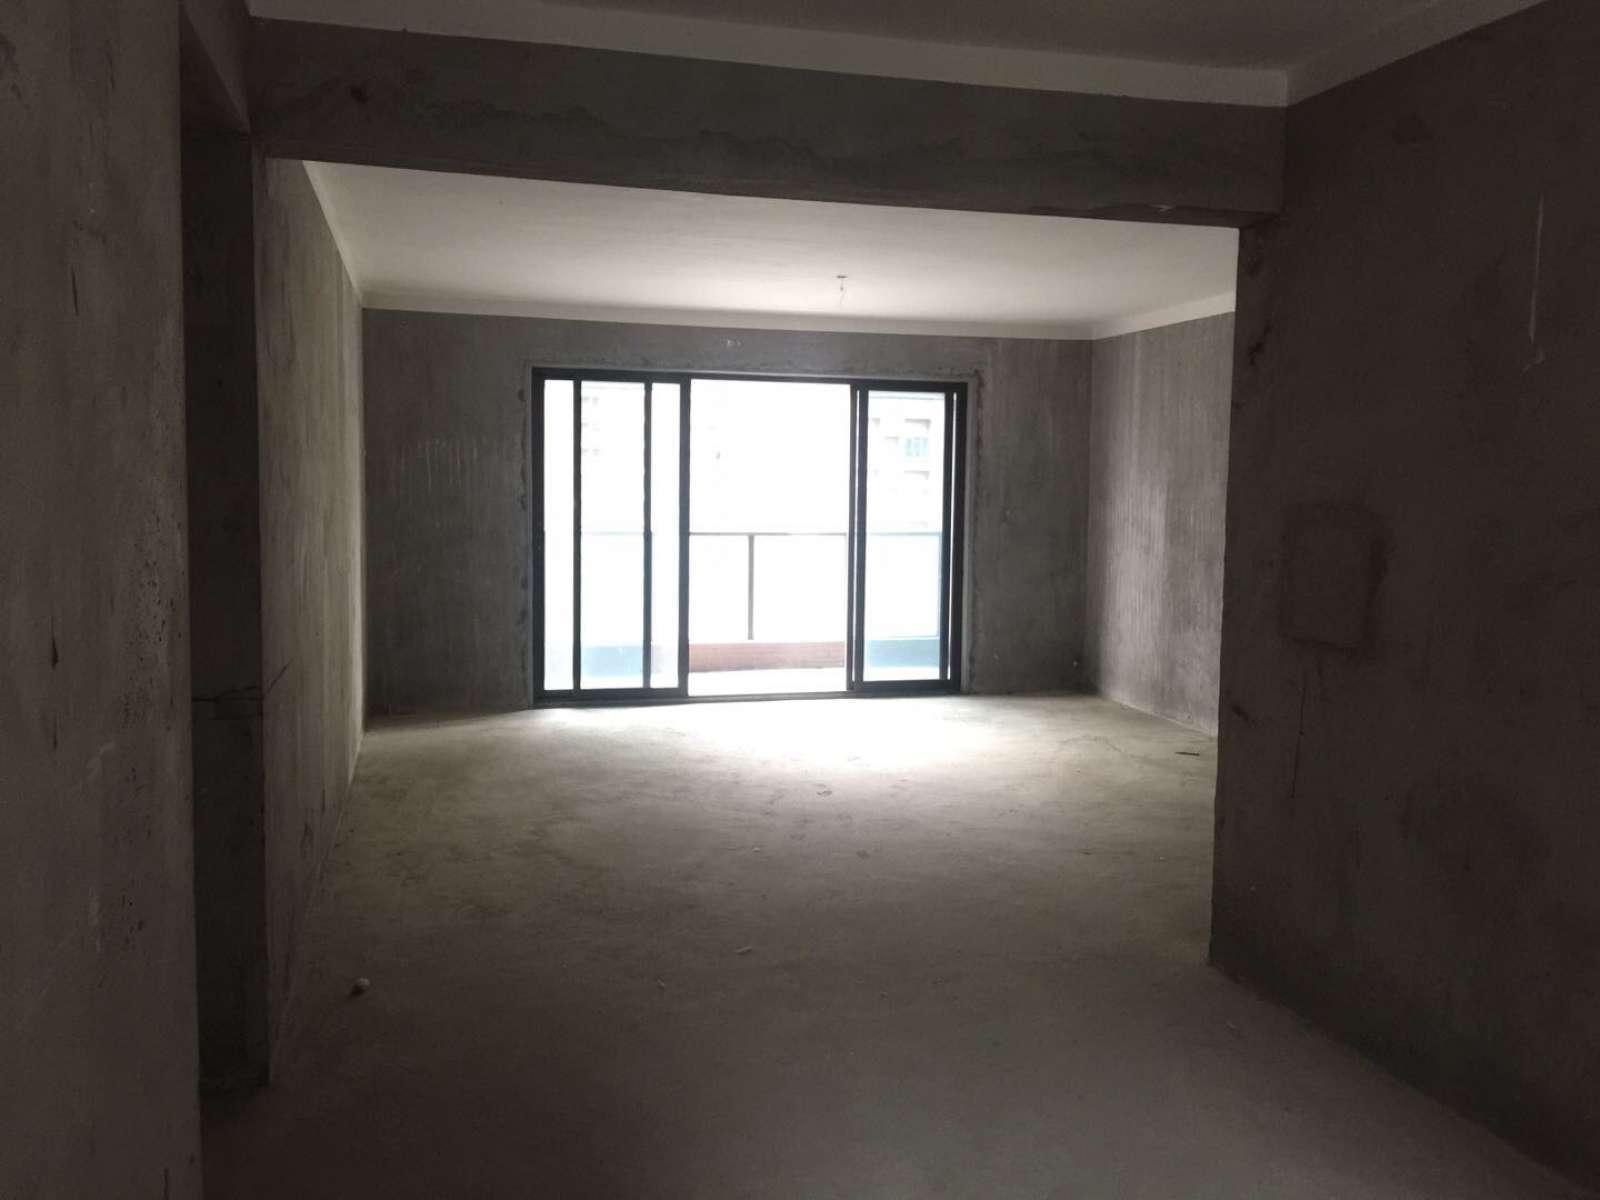 联泰万泰城 毛坯四房 楼层高 南北通透 看房有钥匙!